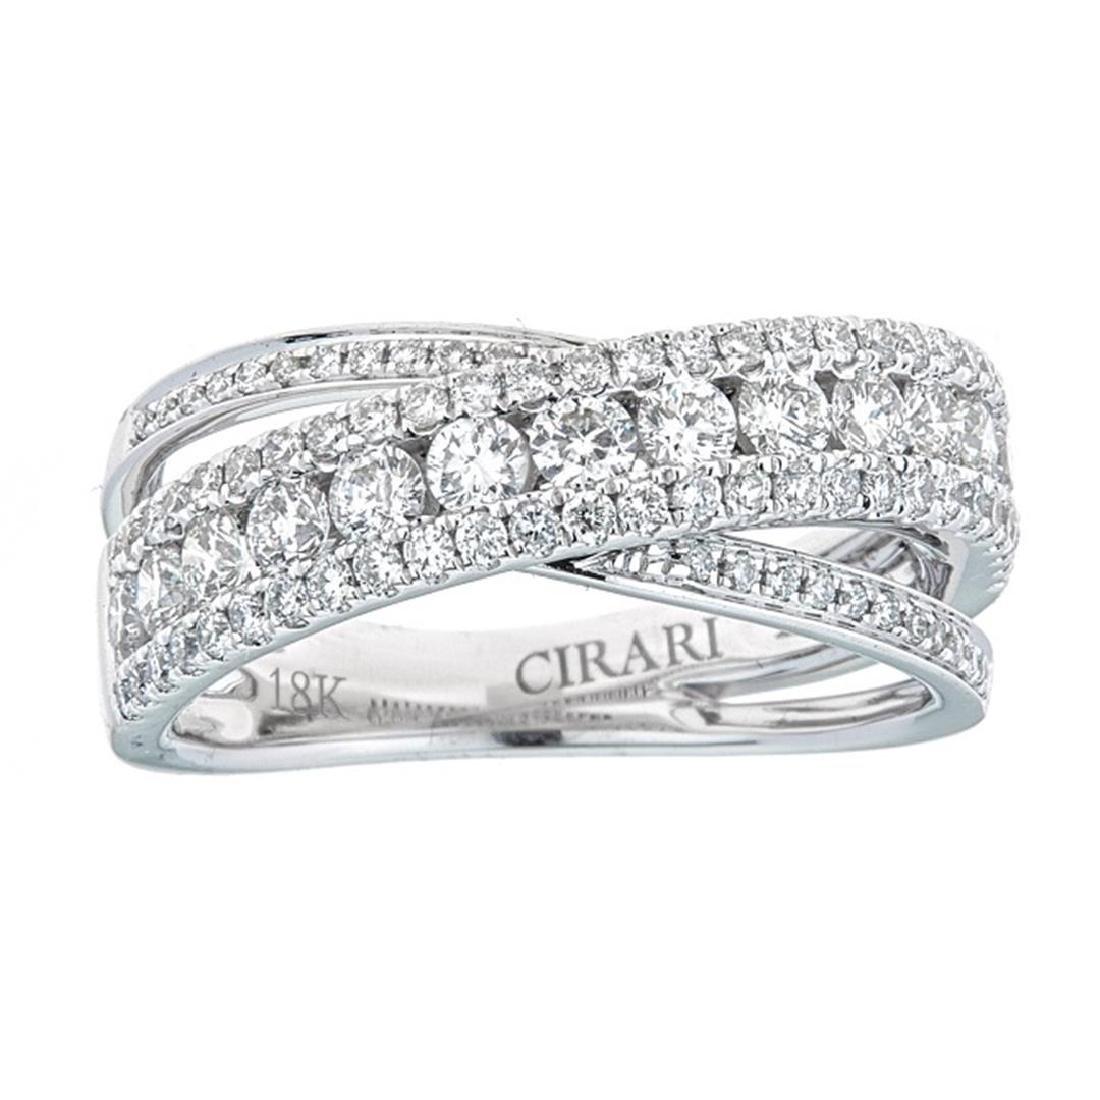 1.17 ctw Diamond Ring - 18KT White Gold